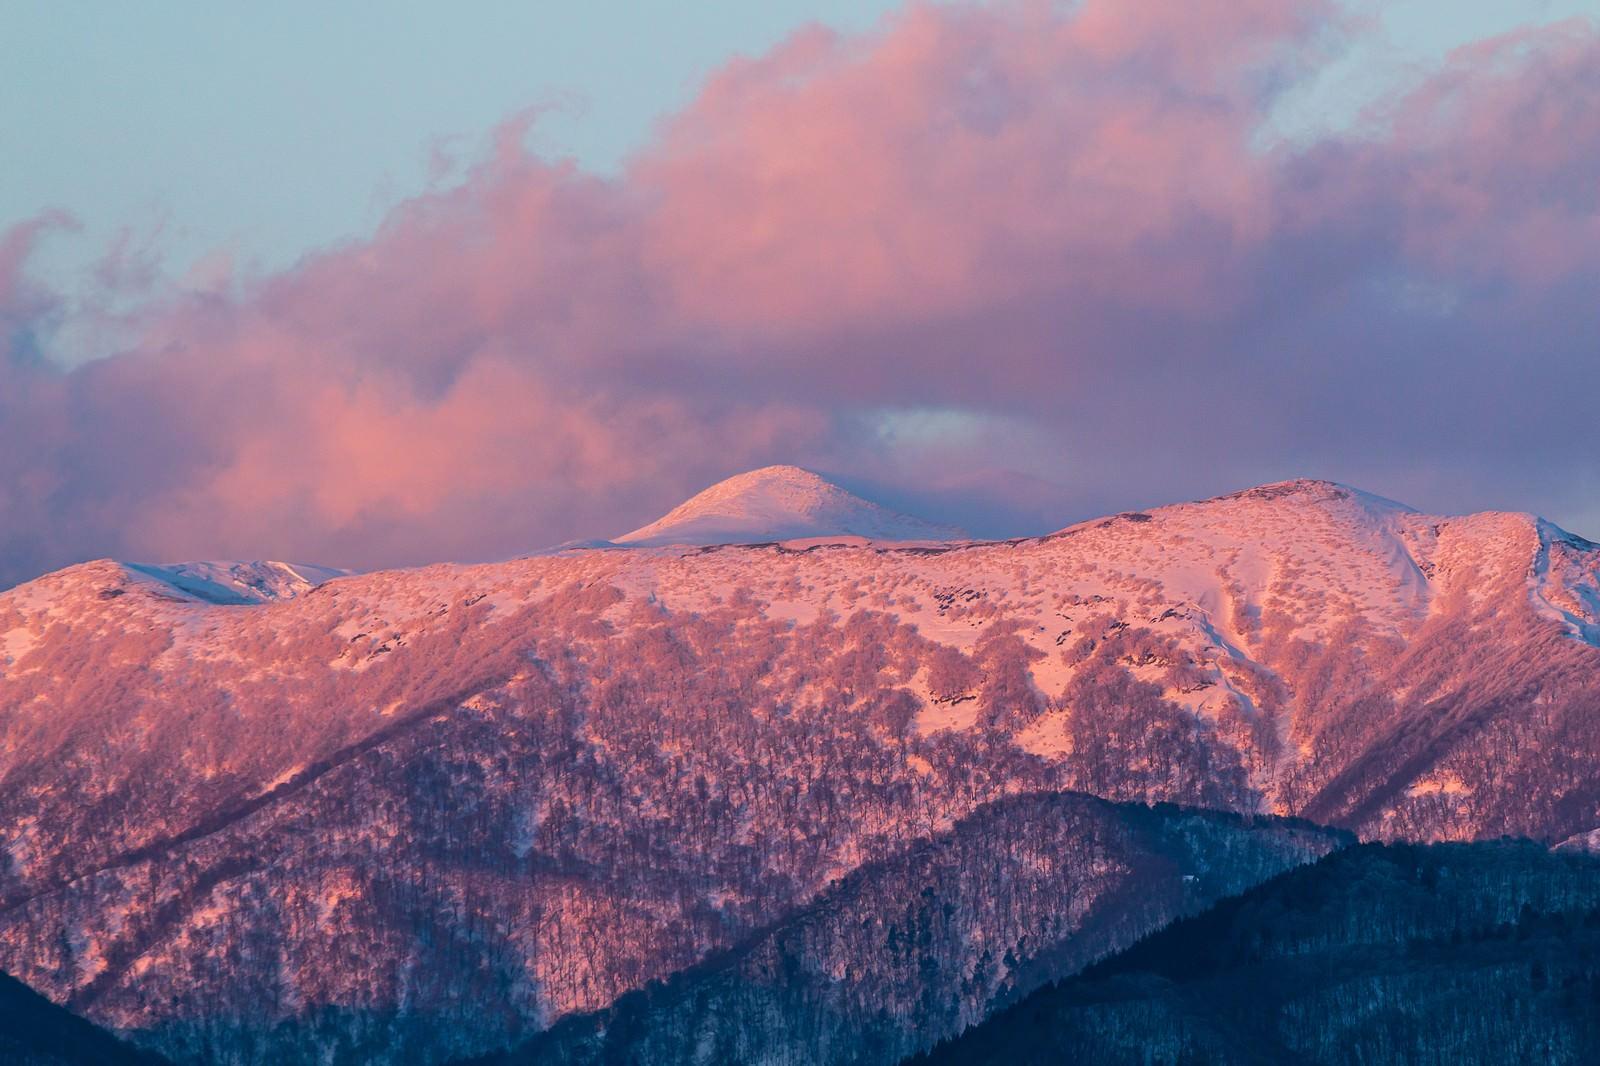 「雪残る秋田駒ケ岳」の写真